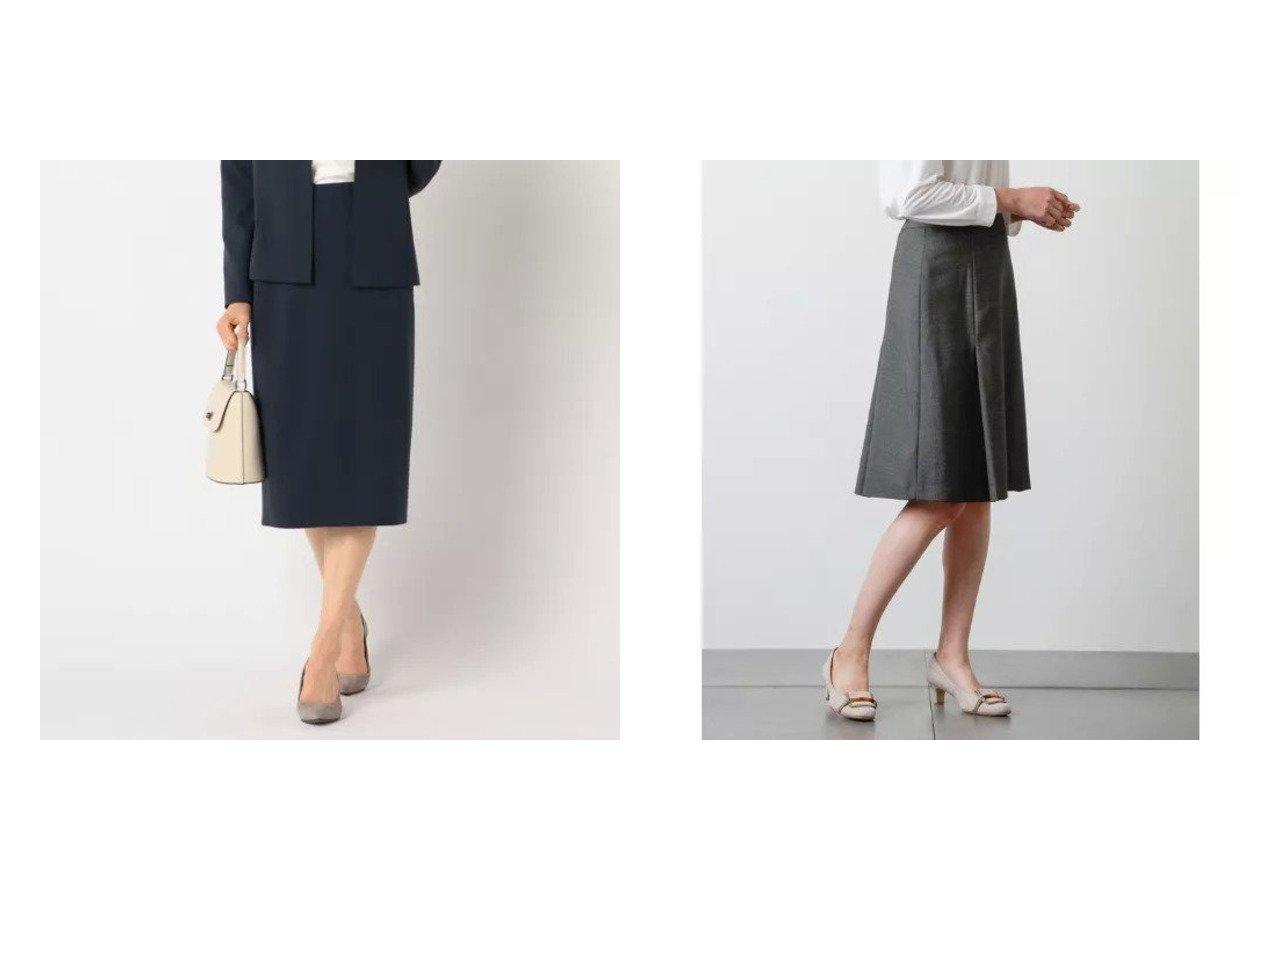 【NEWYORKER/ニューヨーカー】のウールシルクドビー フレアスカート&【NOLLEY'S sophi/ノーリーズソフィー】のニットジョーゼットスカート スカートのおすすめ!人気、トレンド・レディースファッションの通販 おすすめで人気の流行・トレンド、ファッションの通販商品 メンズファッション・キッズファッション・インテリア・家具・レディースファッション・服の通販 founy(ファニー) https://founy.com/ ファッション Fashion レディースファッション WOMEN スカート Skirt Aライン/フレアスカート Flared A-Line Skirts ジャケット ジョーゼット ストレッチ セットアップ タイトスカート 人気 春 Spring インナー エレガント カットソー キュプラ サイドジップ シルク スーツ ドット フレア ボックス 無地 ロング 2021年 2021 S/S 春夏 SS Spring/Summer 2021 春夏 S/S SS Spring/Summer 2021 |ID:crp329100000016296